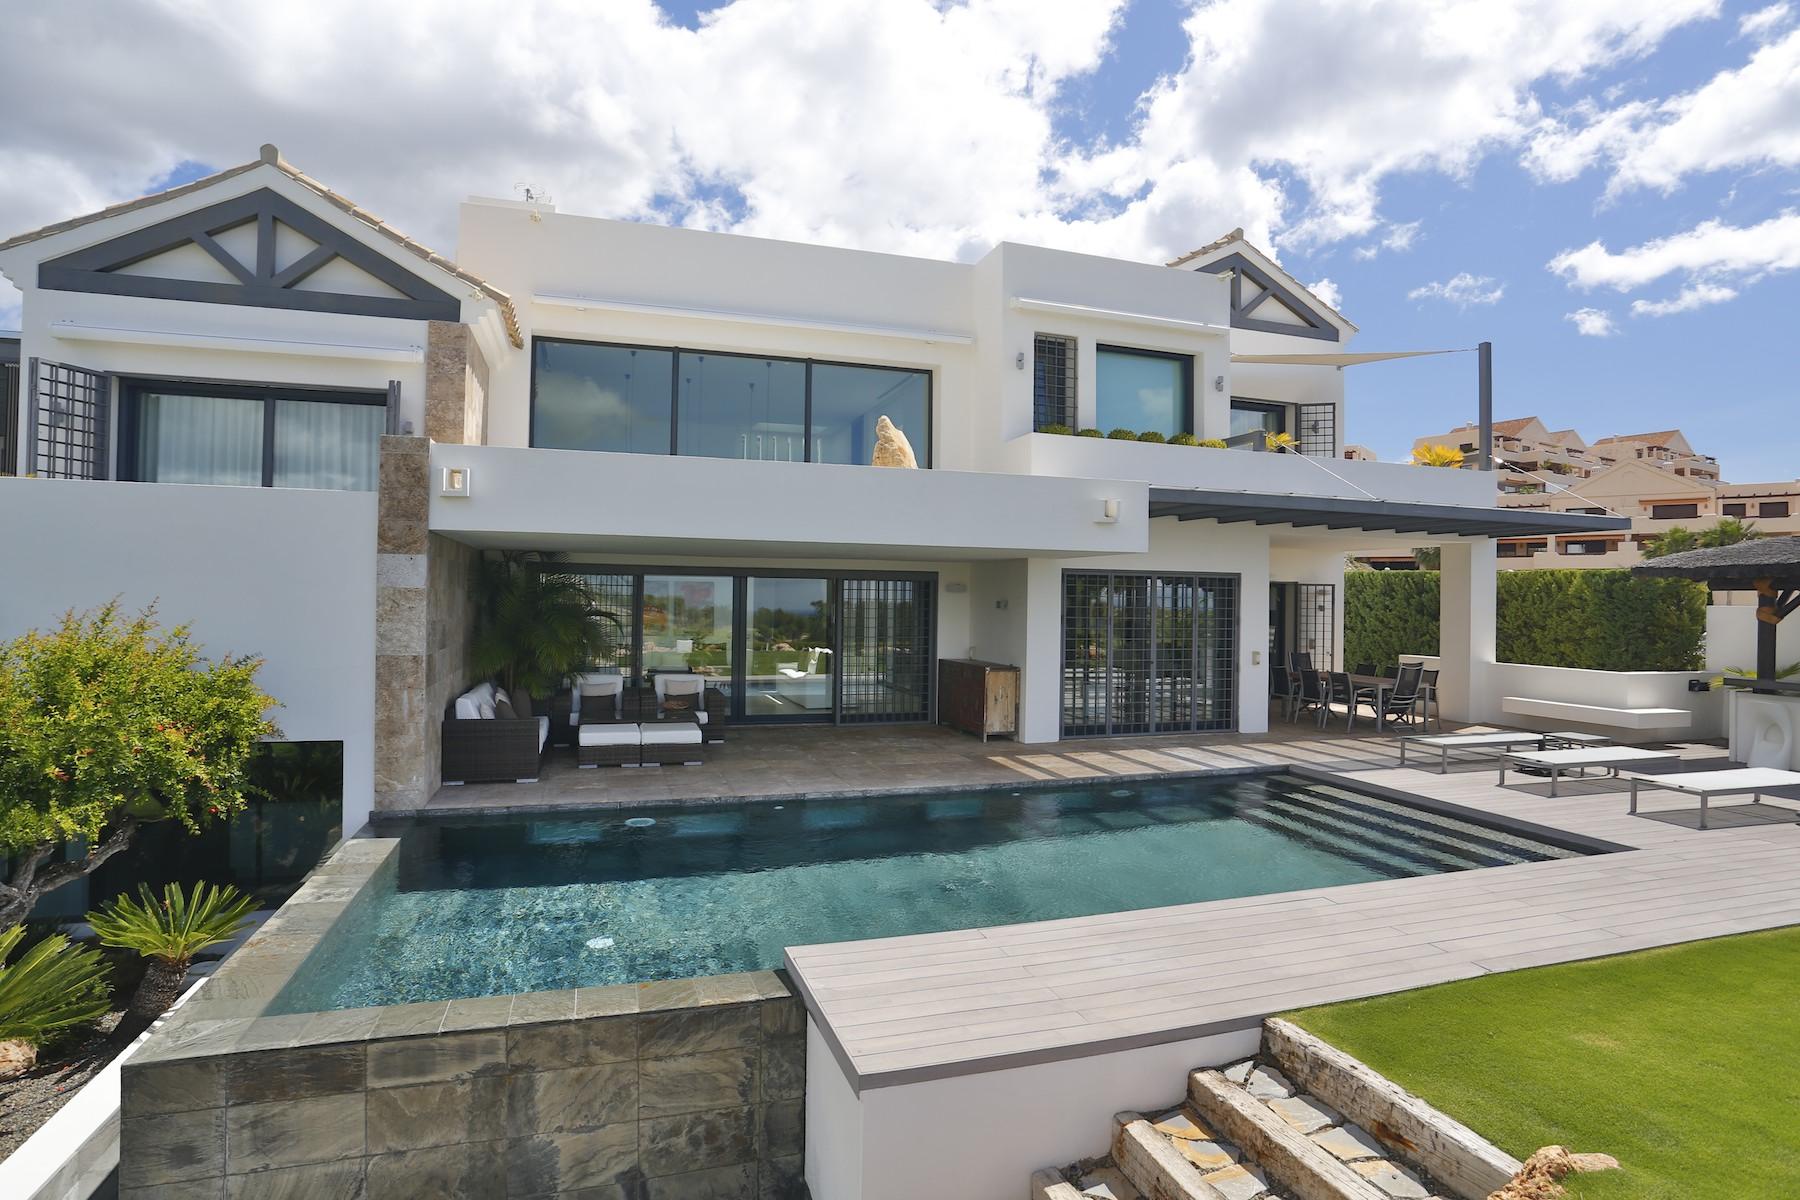 Tek Ailelik Ev için Satış at Contemporary Villa Benahavis Benahavis, Andalucia 29679 Ispanya